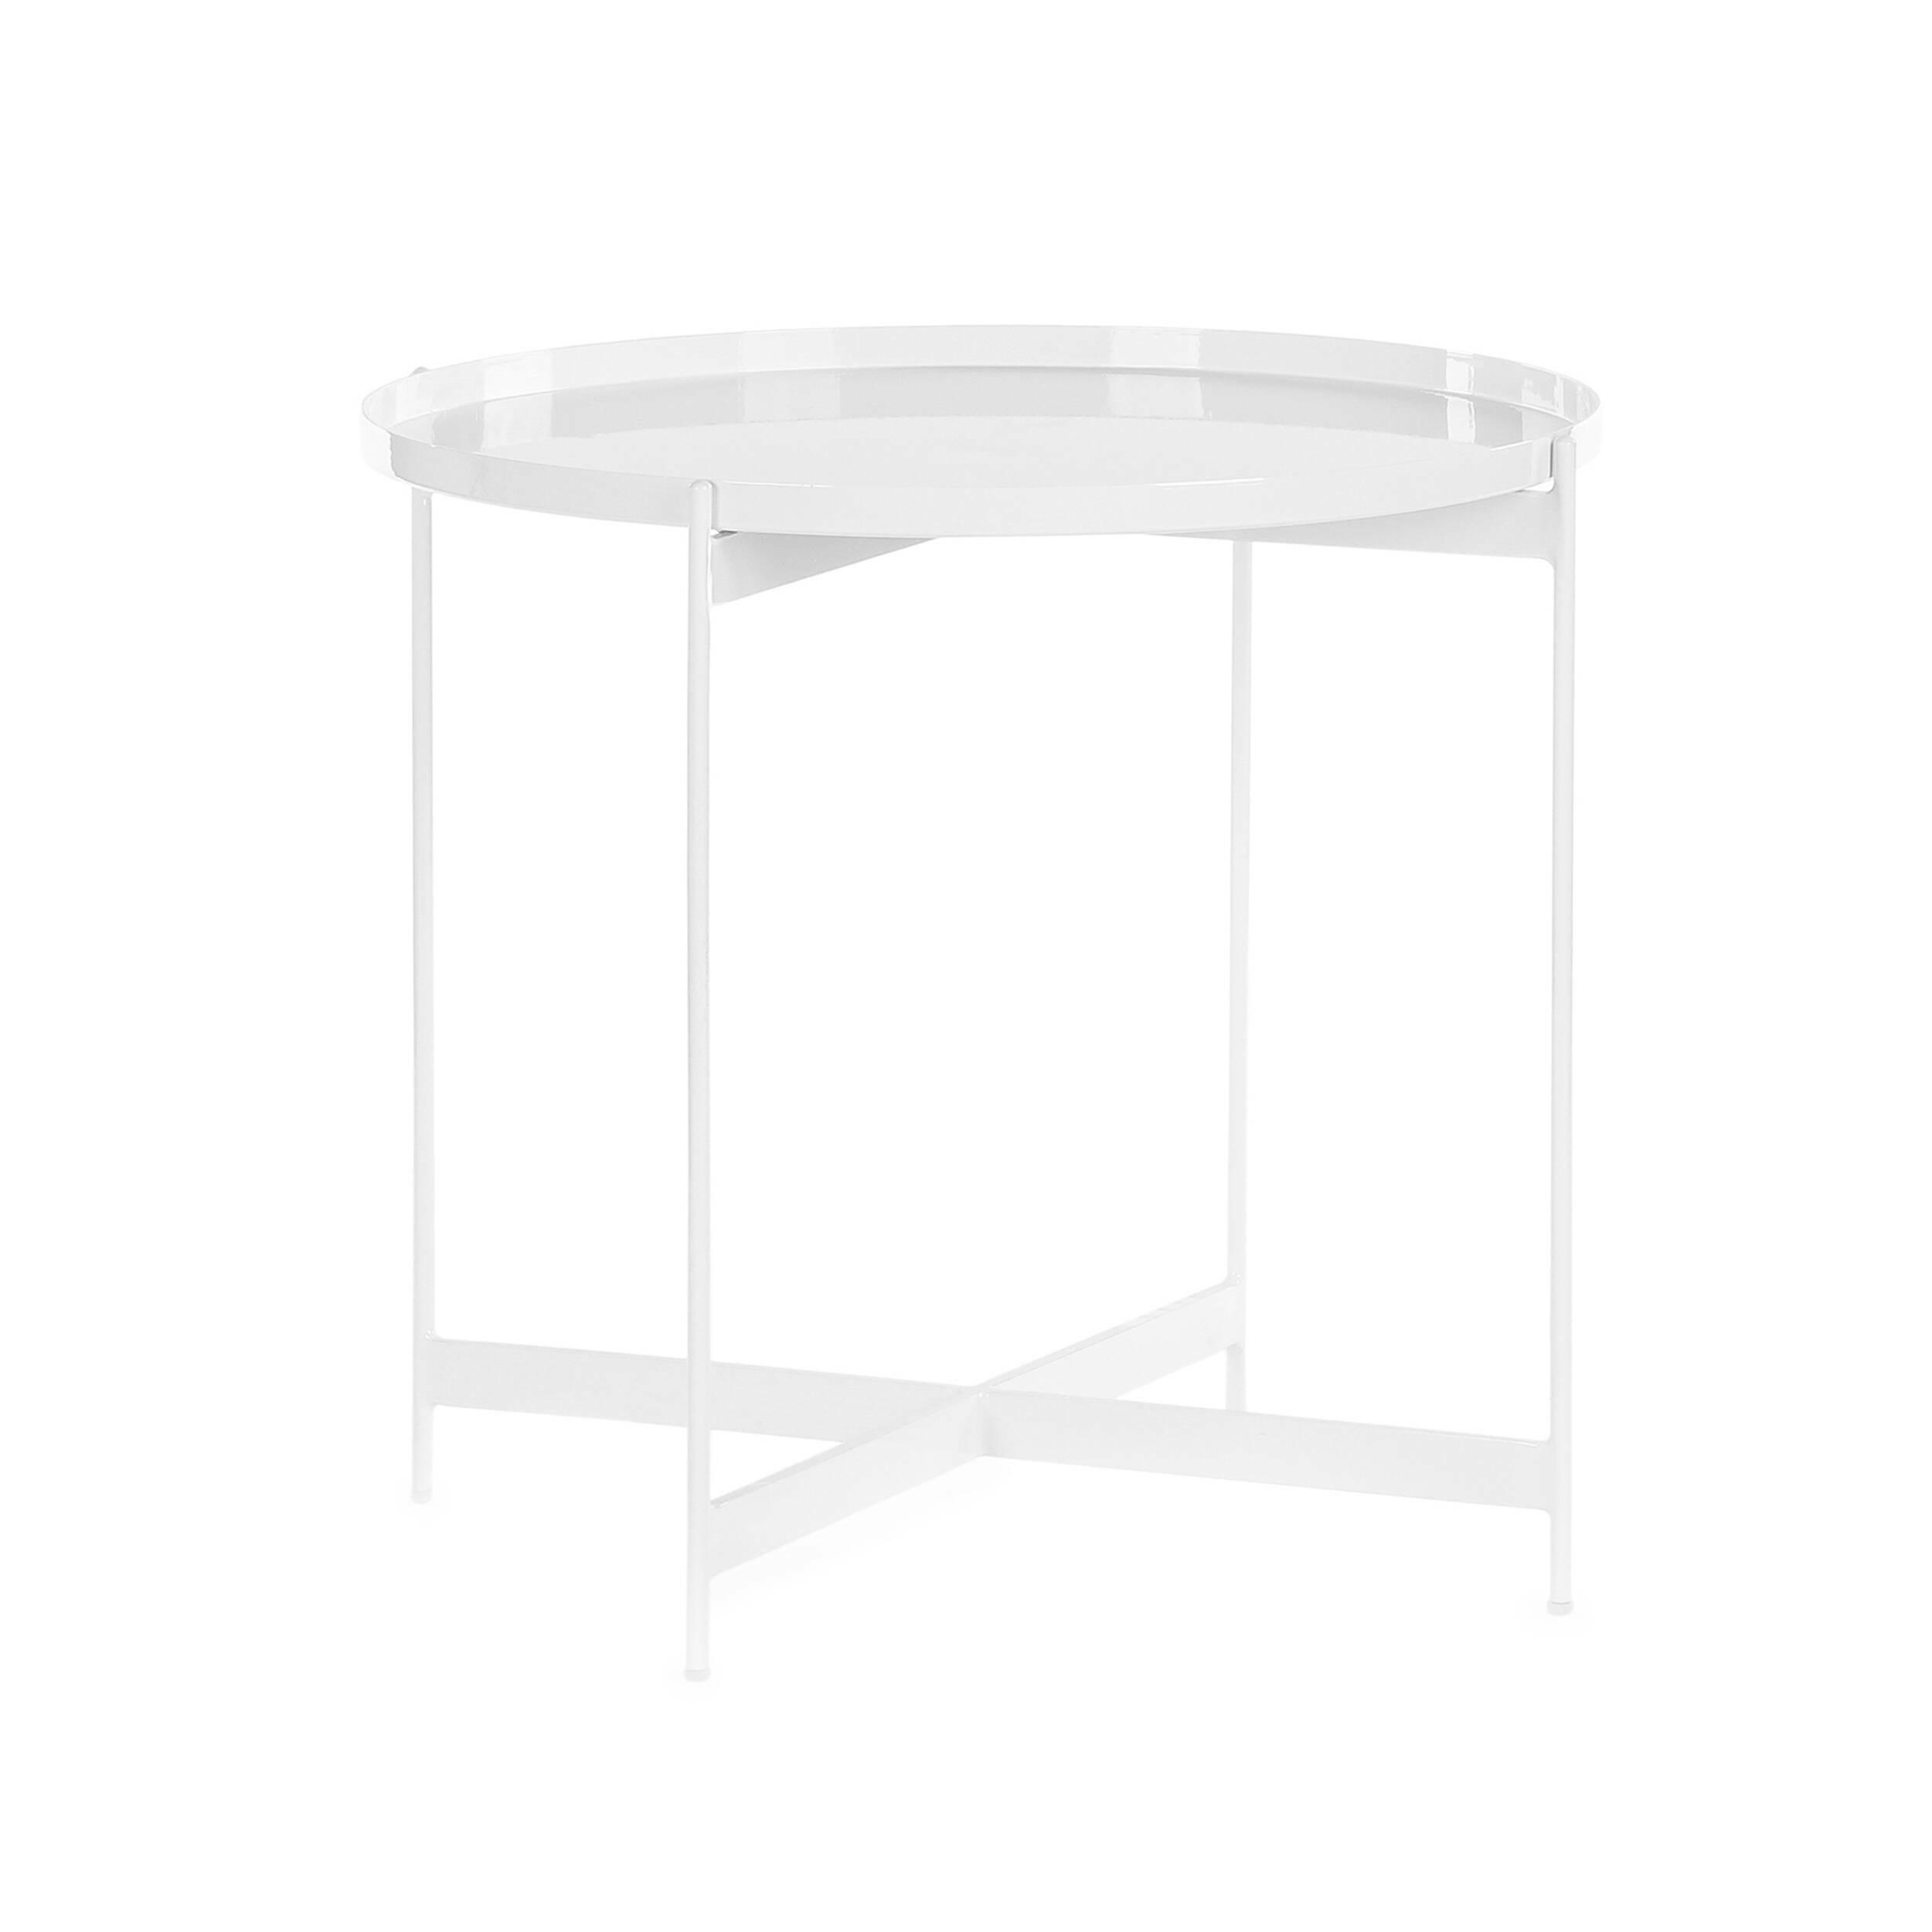 Кофейный стол SouillacКофейные столики<br>Если вы уже давно ищете стол, с которого ничего не упадет, не прольется и не скатится на пол, тогда дизайнерский кофейный стол Souillac станет прекрасным решением. Главная особенность этой модели – в высоких бортиках по всей окружности, благодаря которым можно не бояться, что любимый кот что-то столкнет со стола или кофе прольется на новый паркет.<br><br><br> Для изготовления столика дизайнеры выбрали сталь – надежный, прочный материал, за счет которого изделие на многие десятки лет сохранит пре...<br><br>stock: 15<br>Высота: 52<br>Диаметр: 57<br>Тип материала каркаса: Сталь<br>Цвет каркаса: Белый